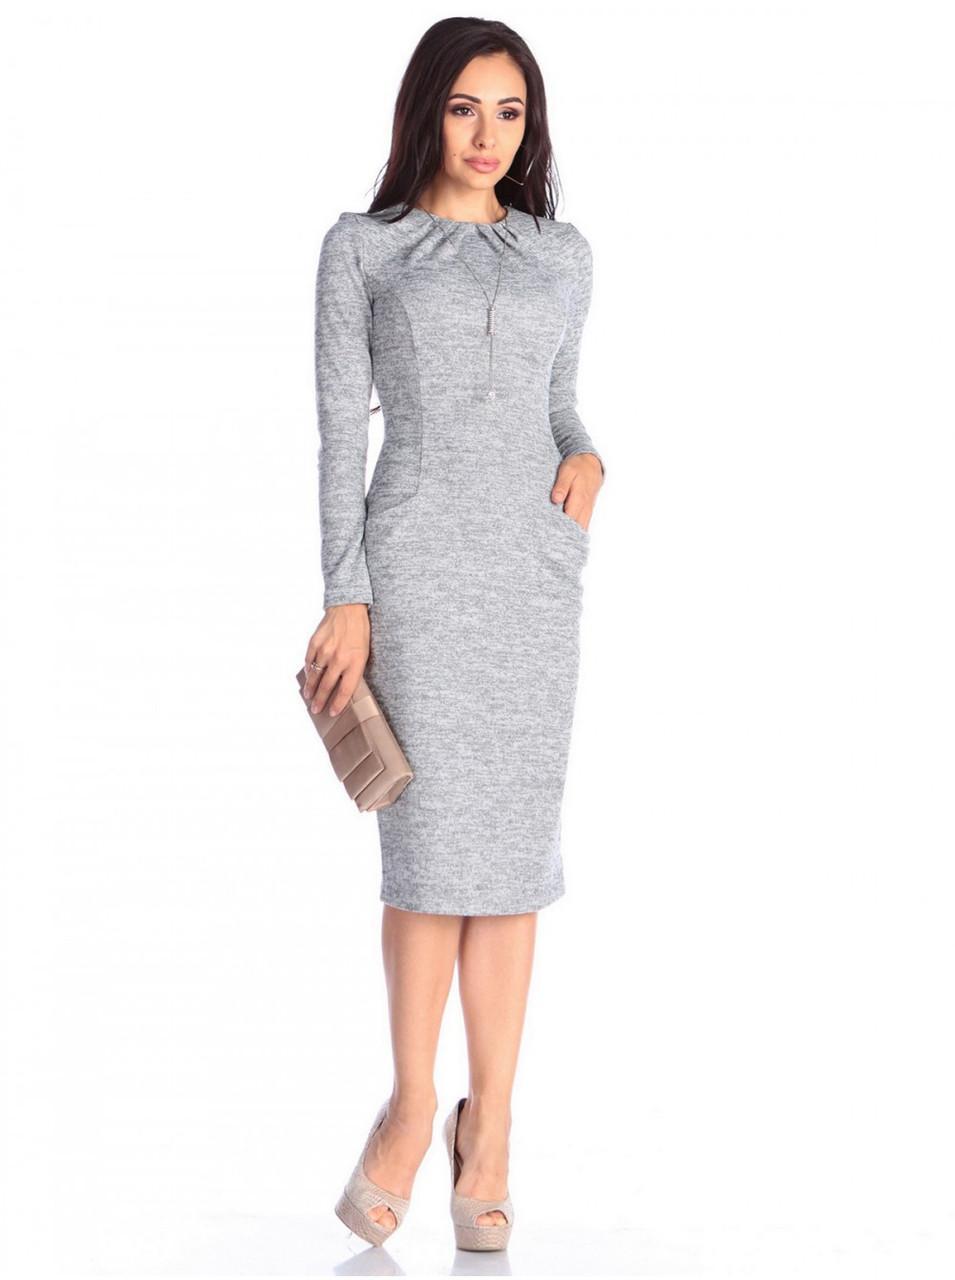 393b301bec823f9 Стильное платье из ангоры софт р.42-44 и 46-48 платья женские от ...